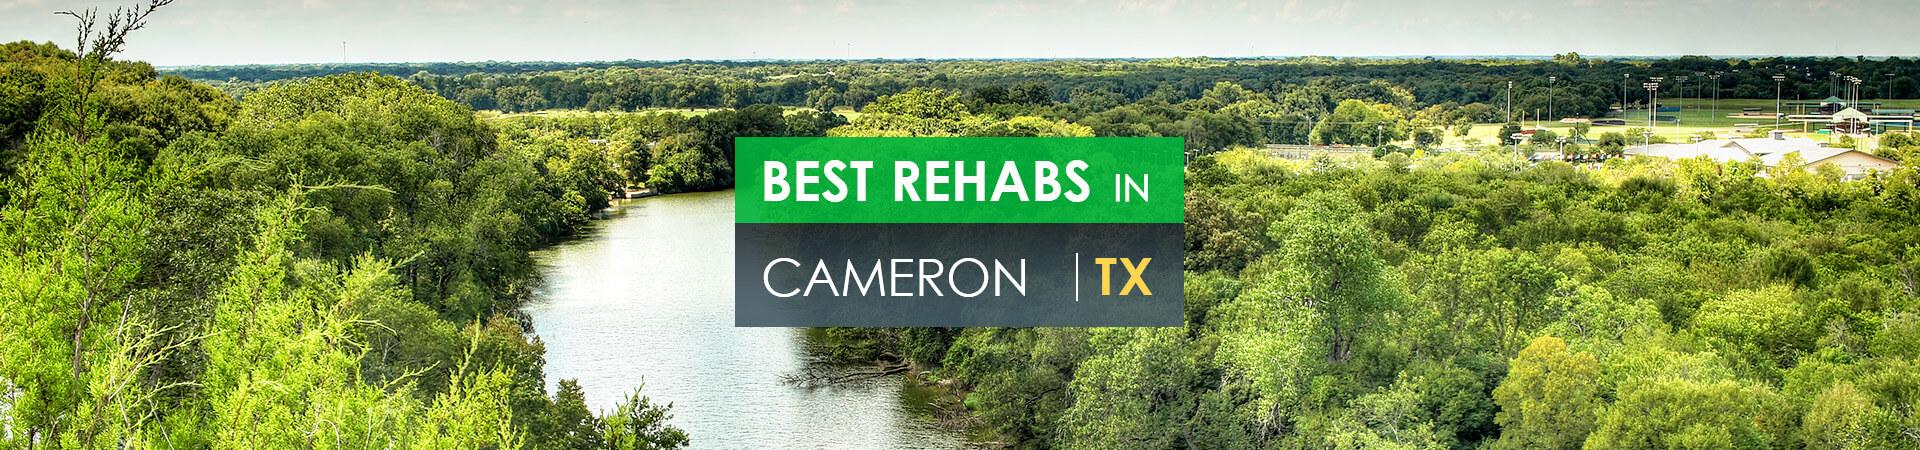 Best rehabs in Cameron, TX